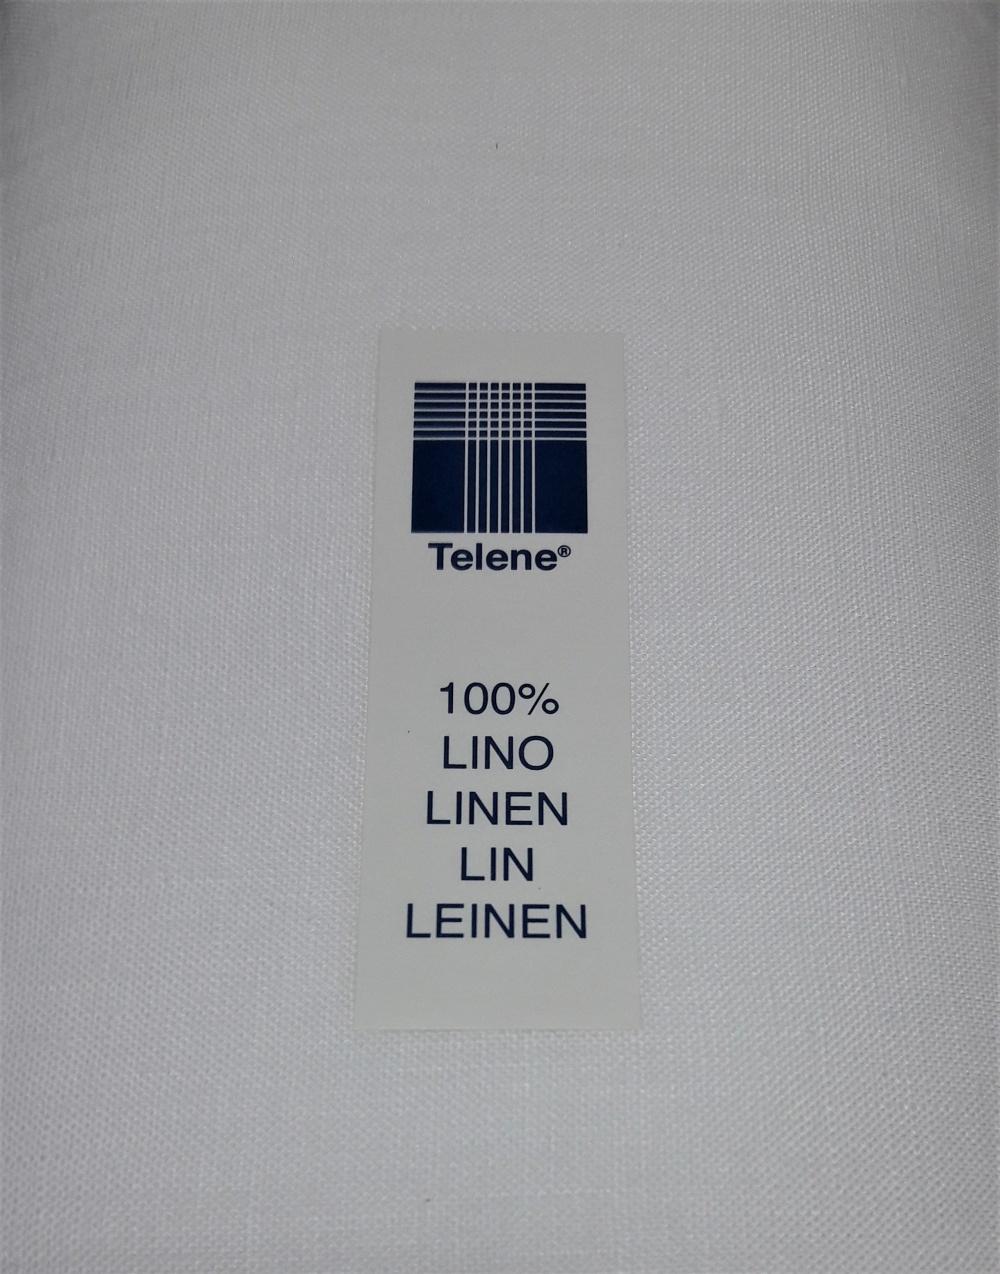 tela di lino 100% bianco altezza 70, 90, 120, 180